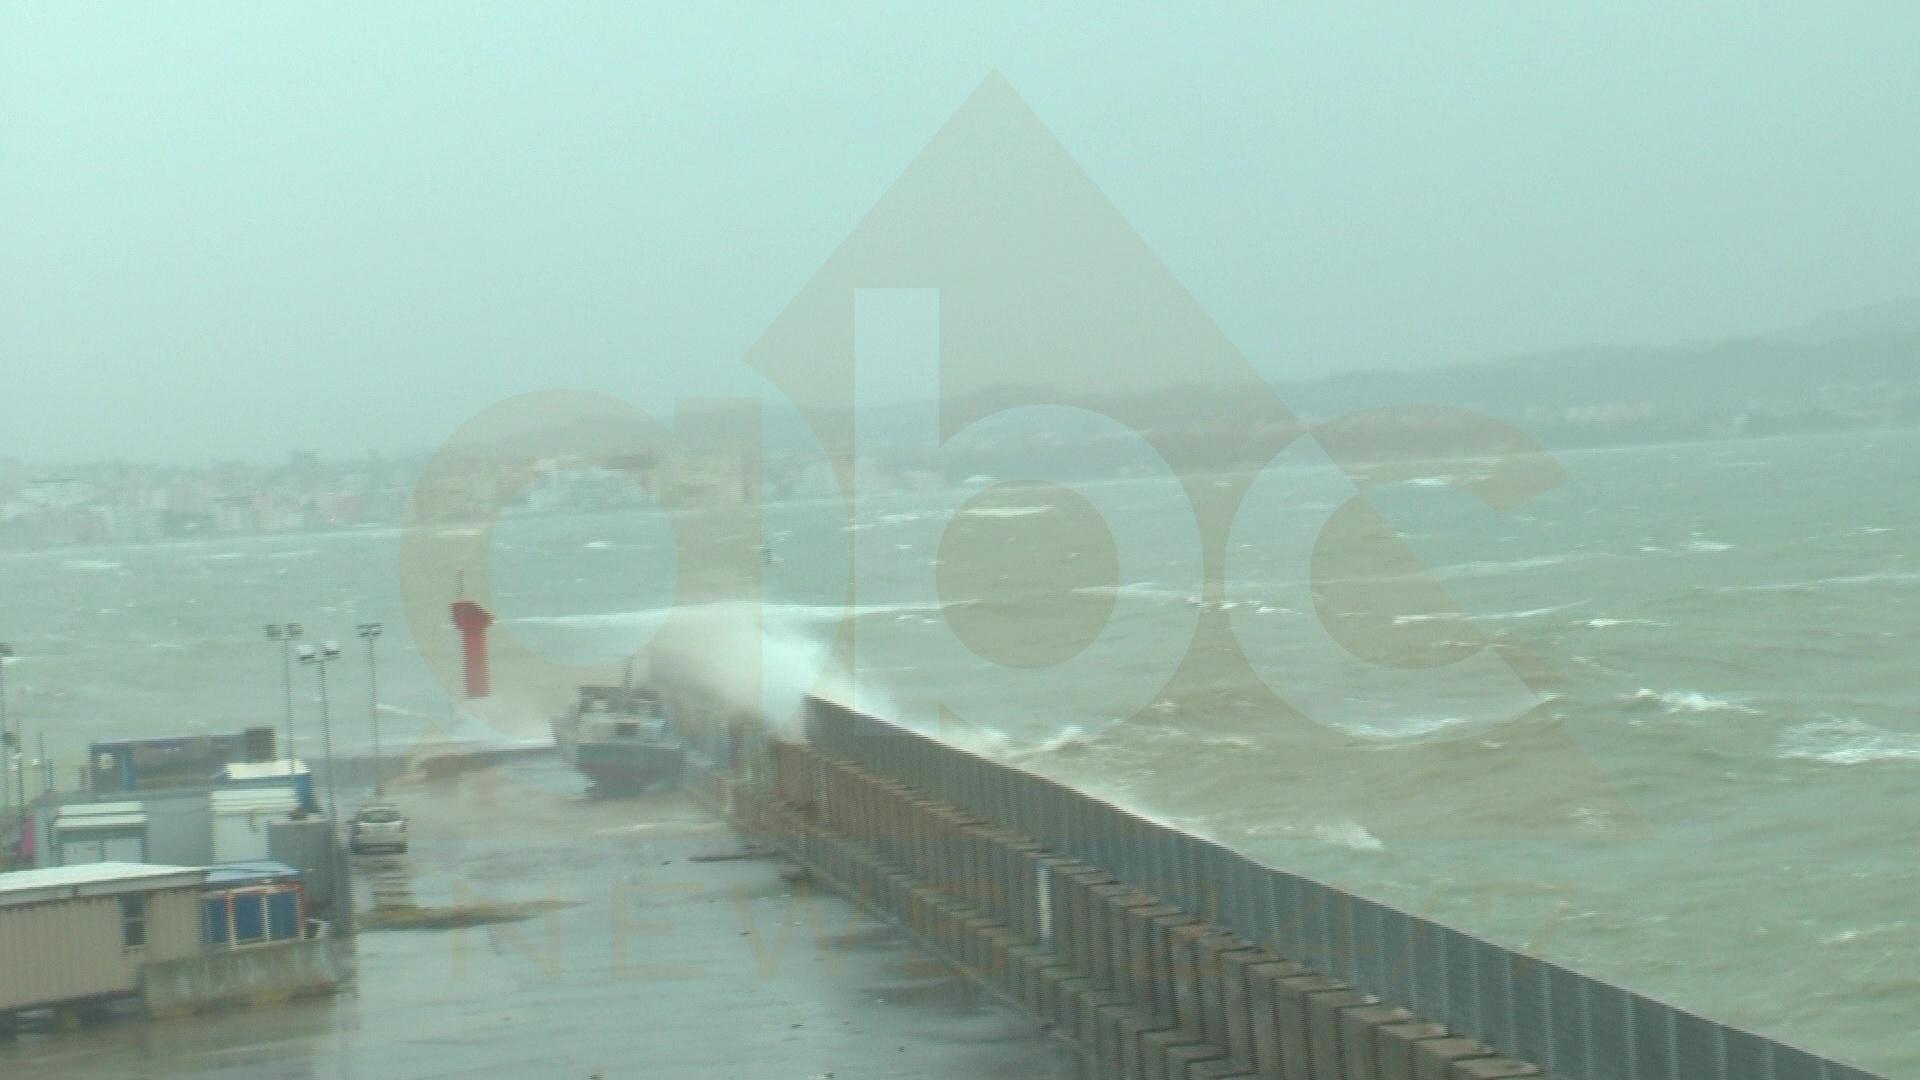 Moti i keq në Durrës, pezullohet lundrimi i anijeve të peshkimit